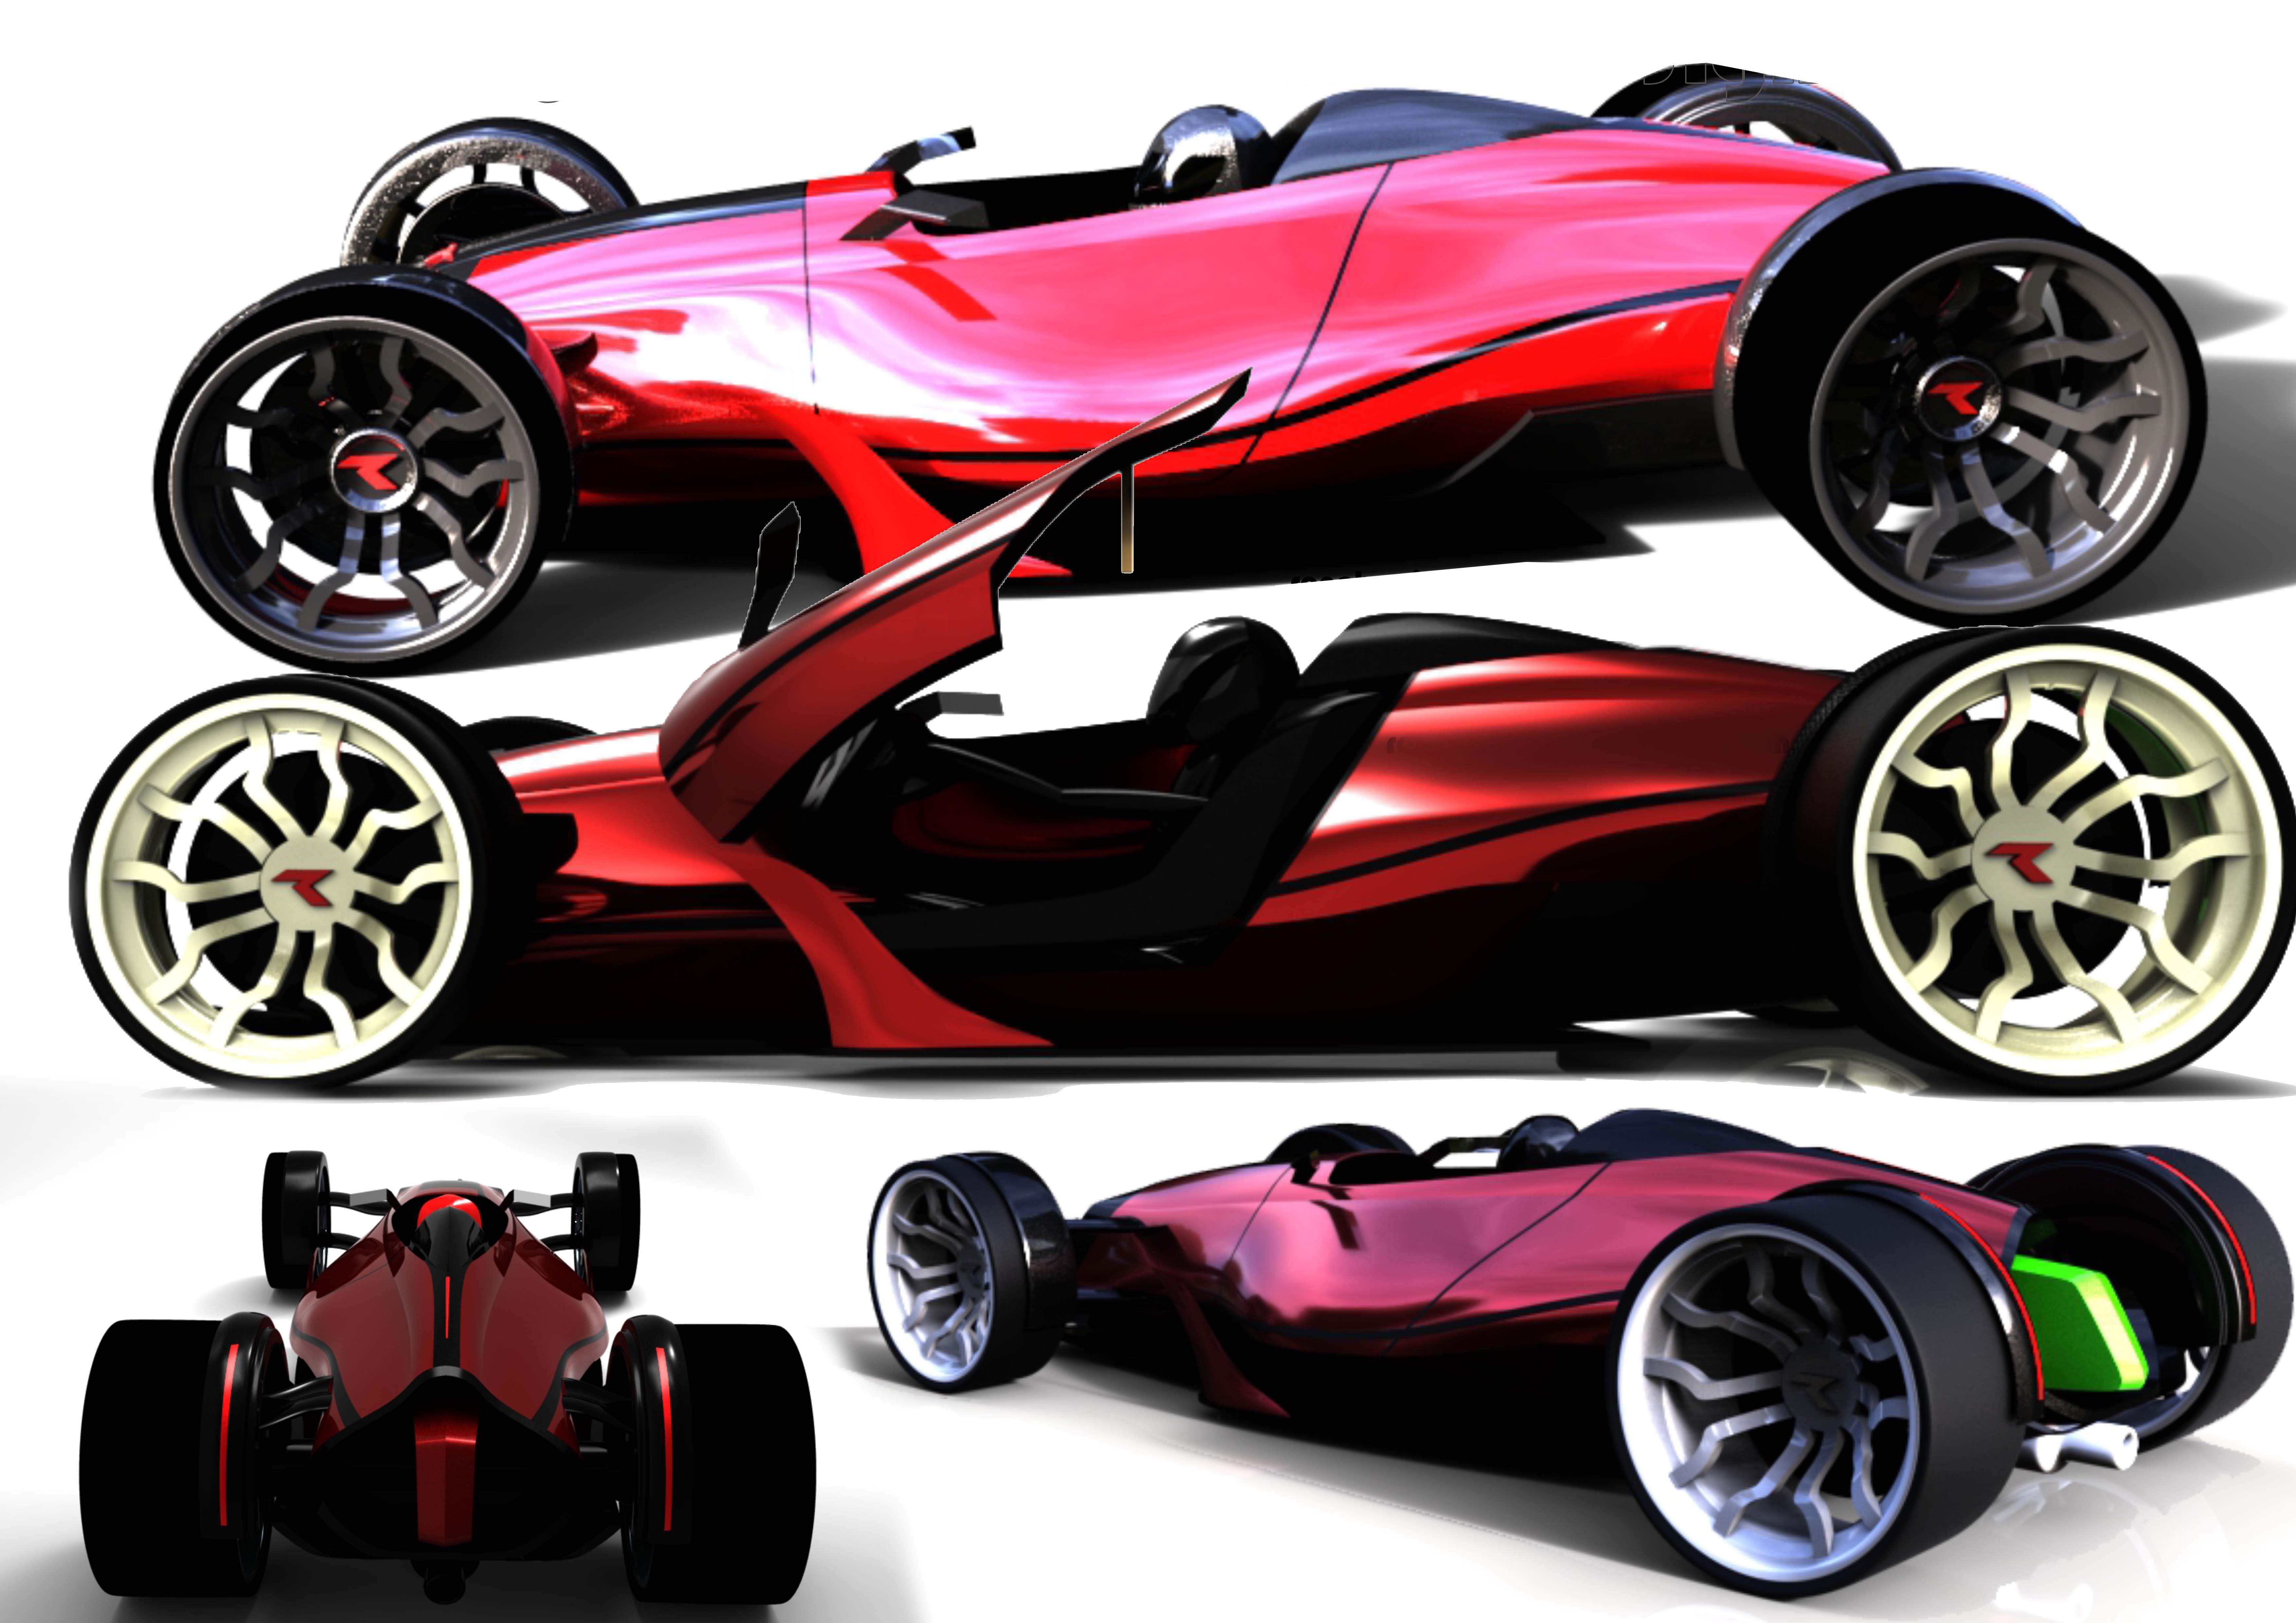 Concept car – SPortster 2015 3d art